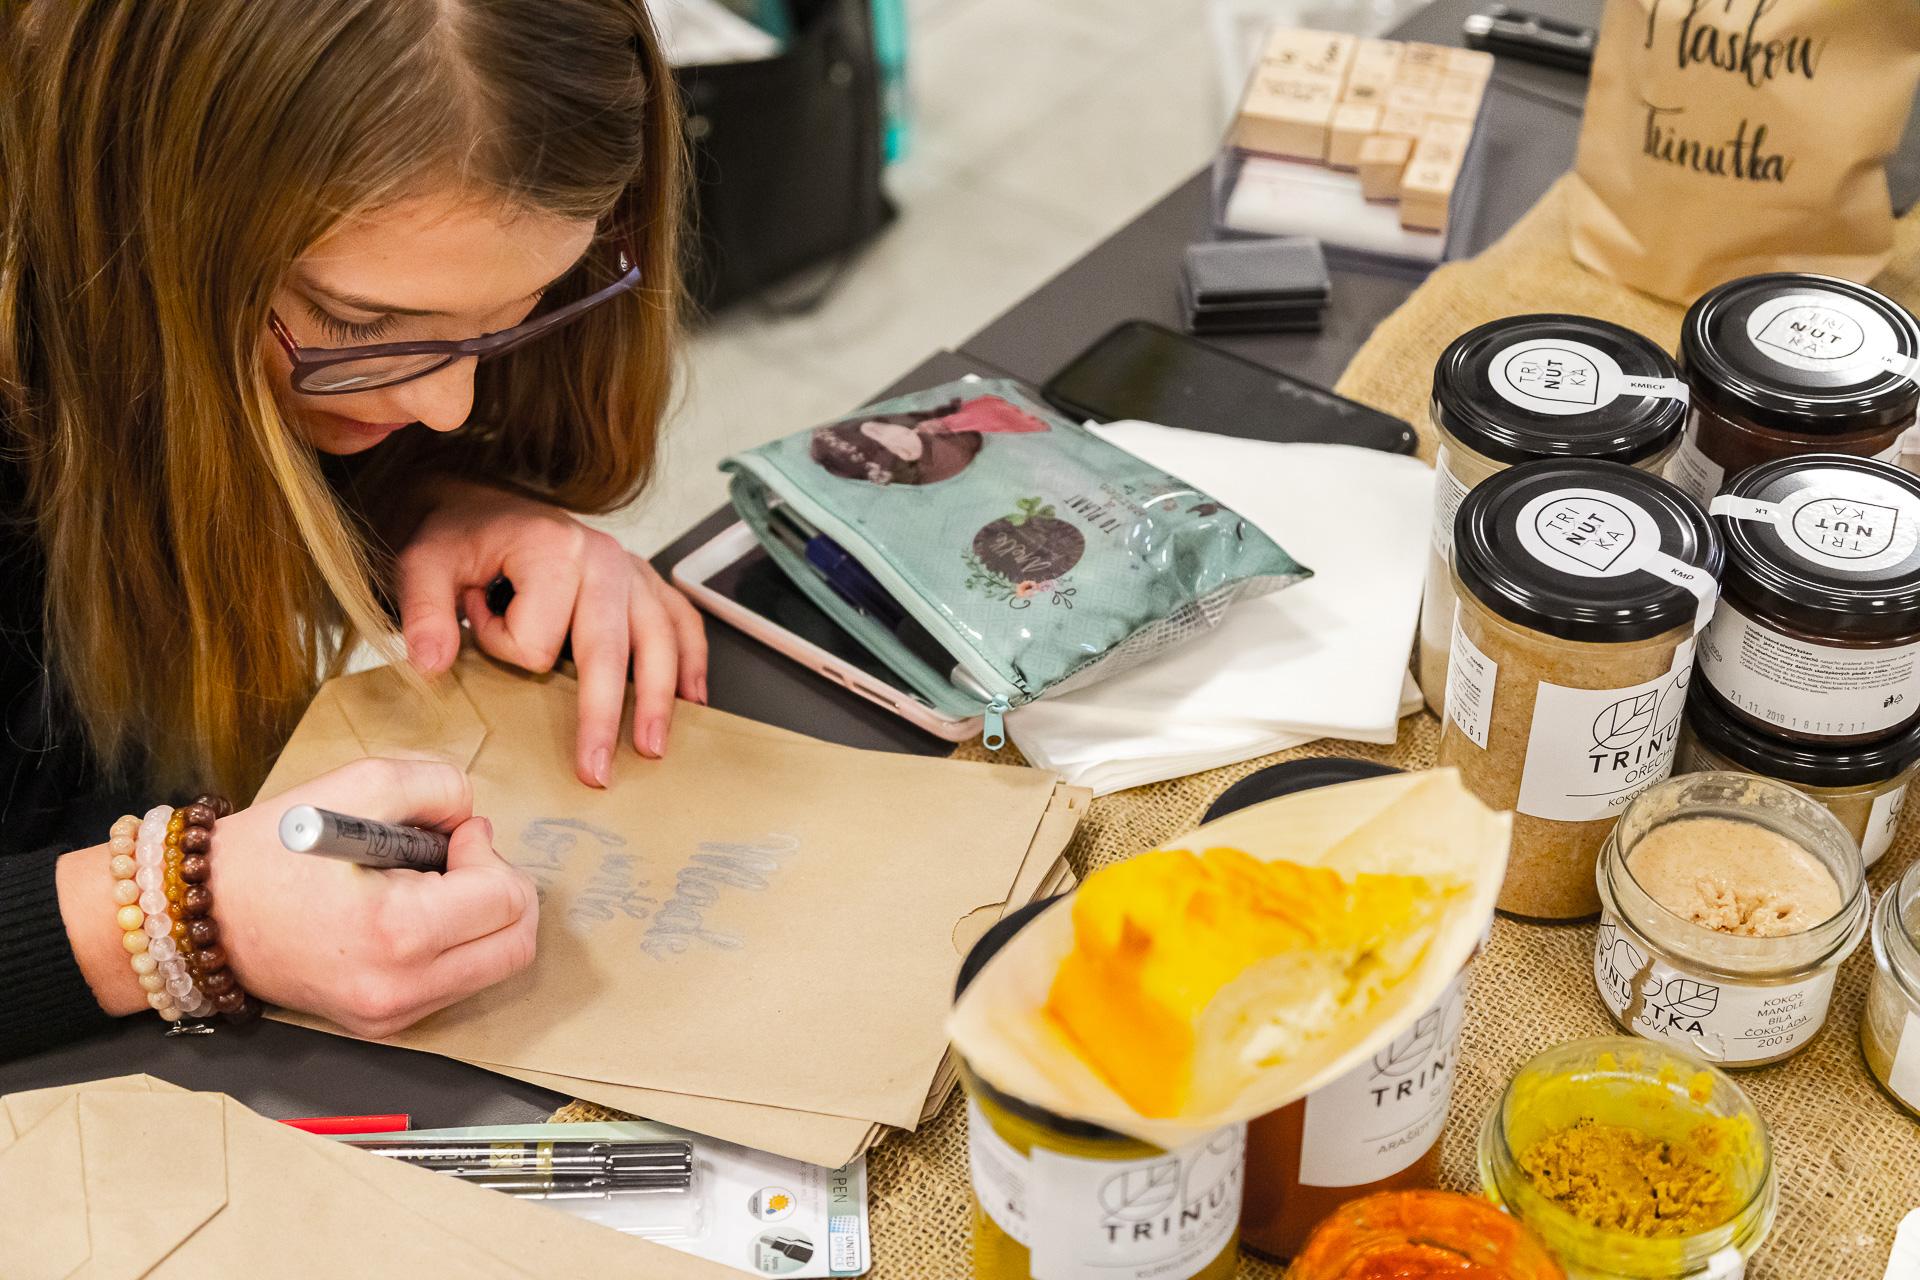 Handmade Market – Vyrobeno s láskou organizuji sama, říká Ing. Monika Kaličinská (32)